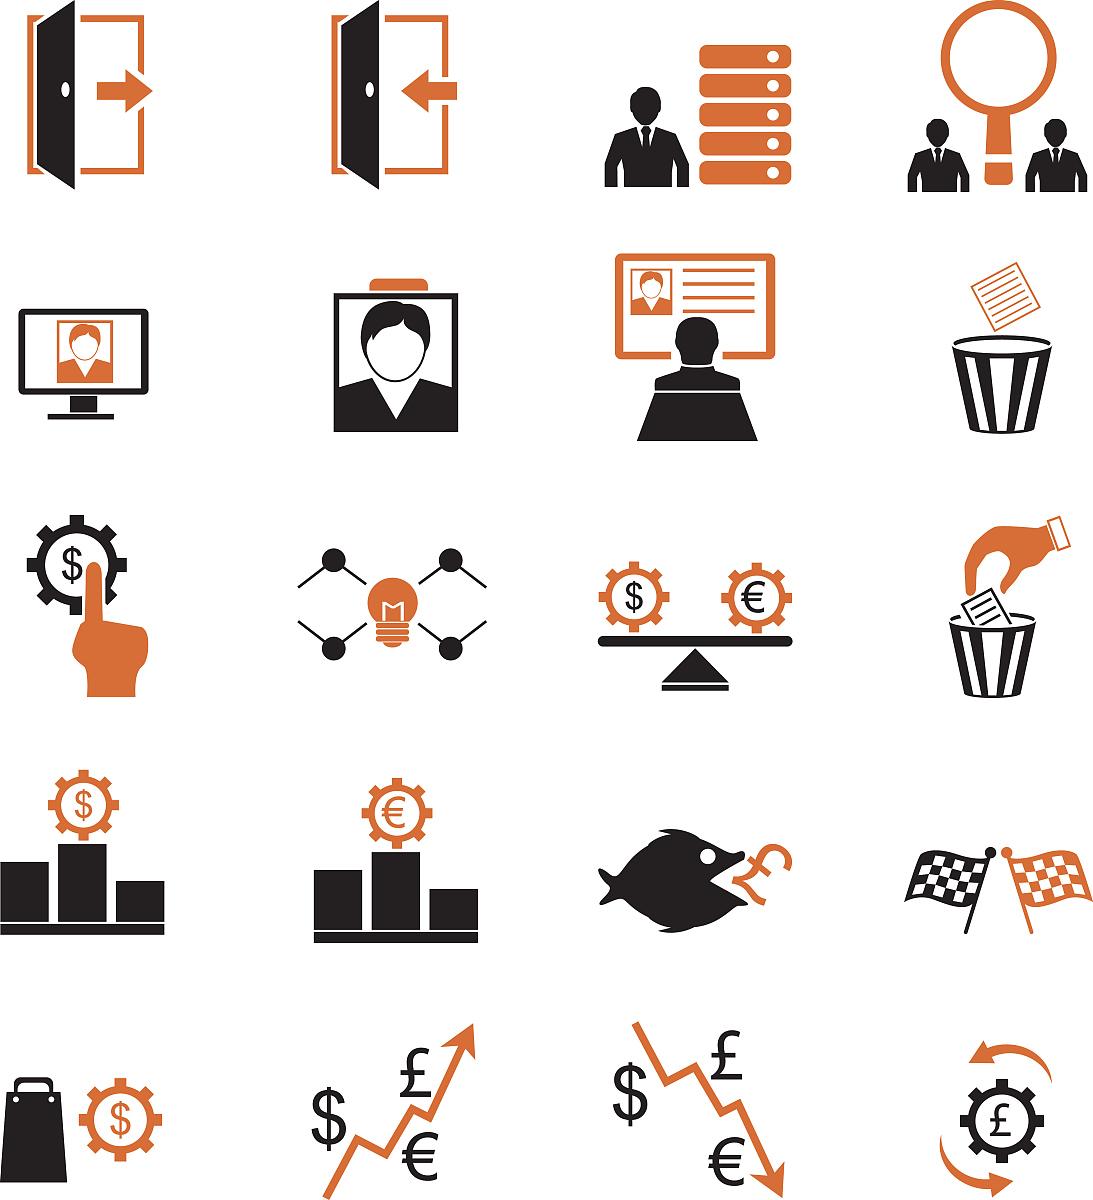 人力资源管理图标图片